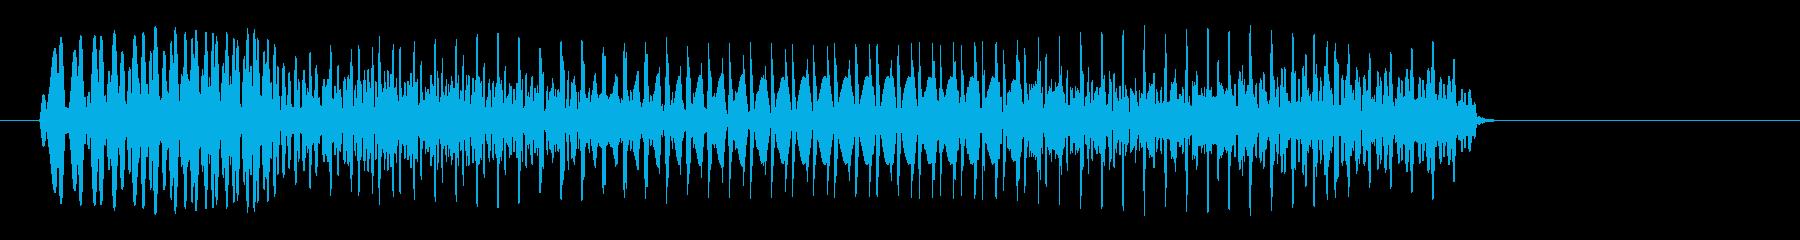 ポワァン(コミカル)脱力系の再生済みの波形